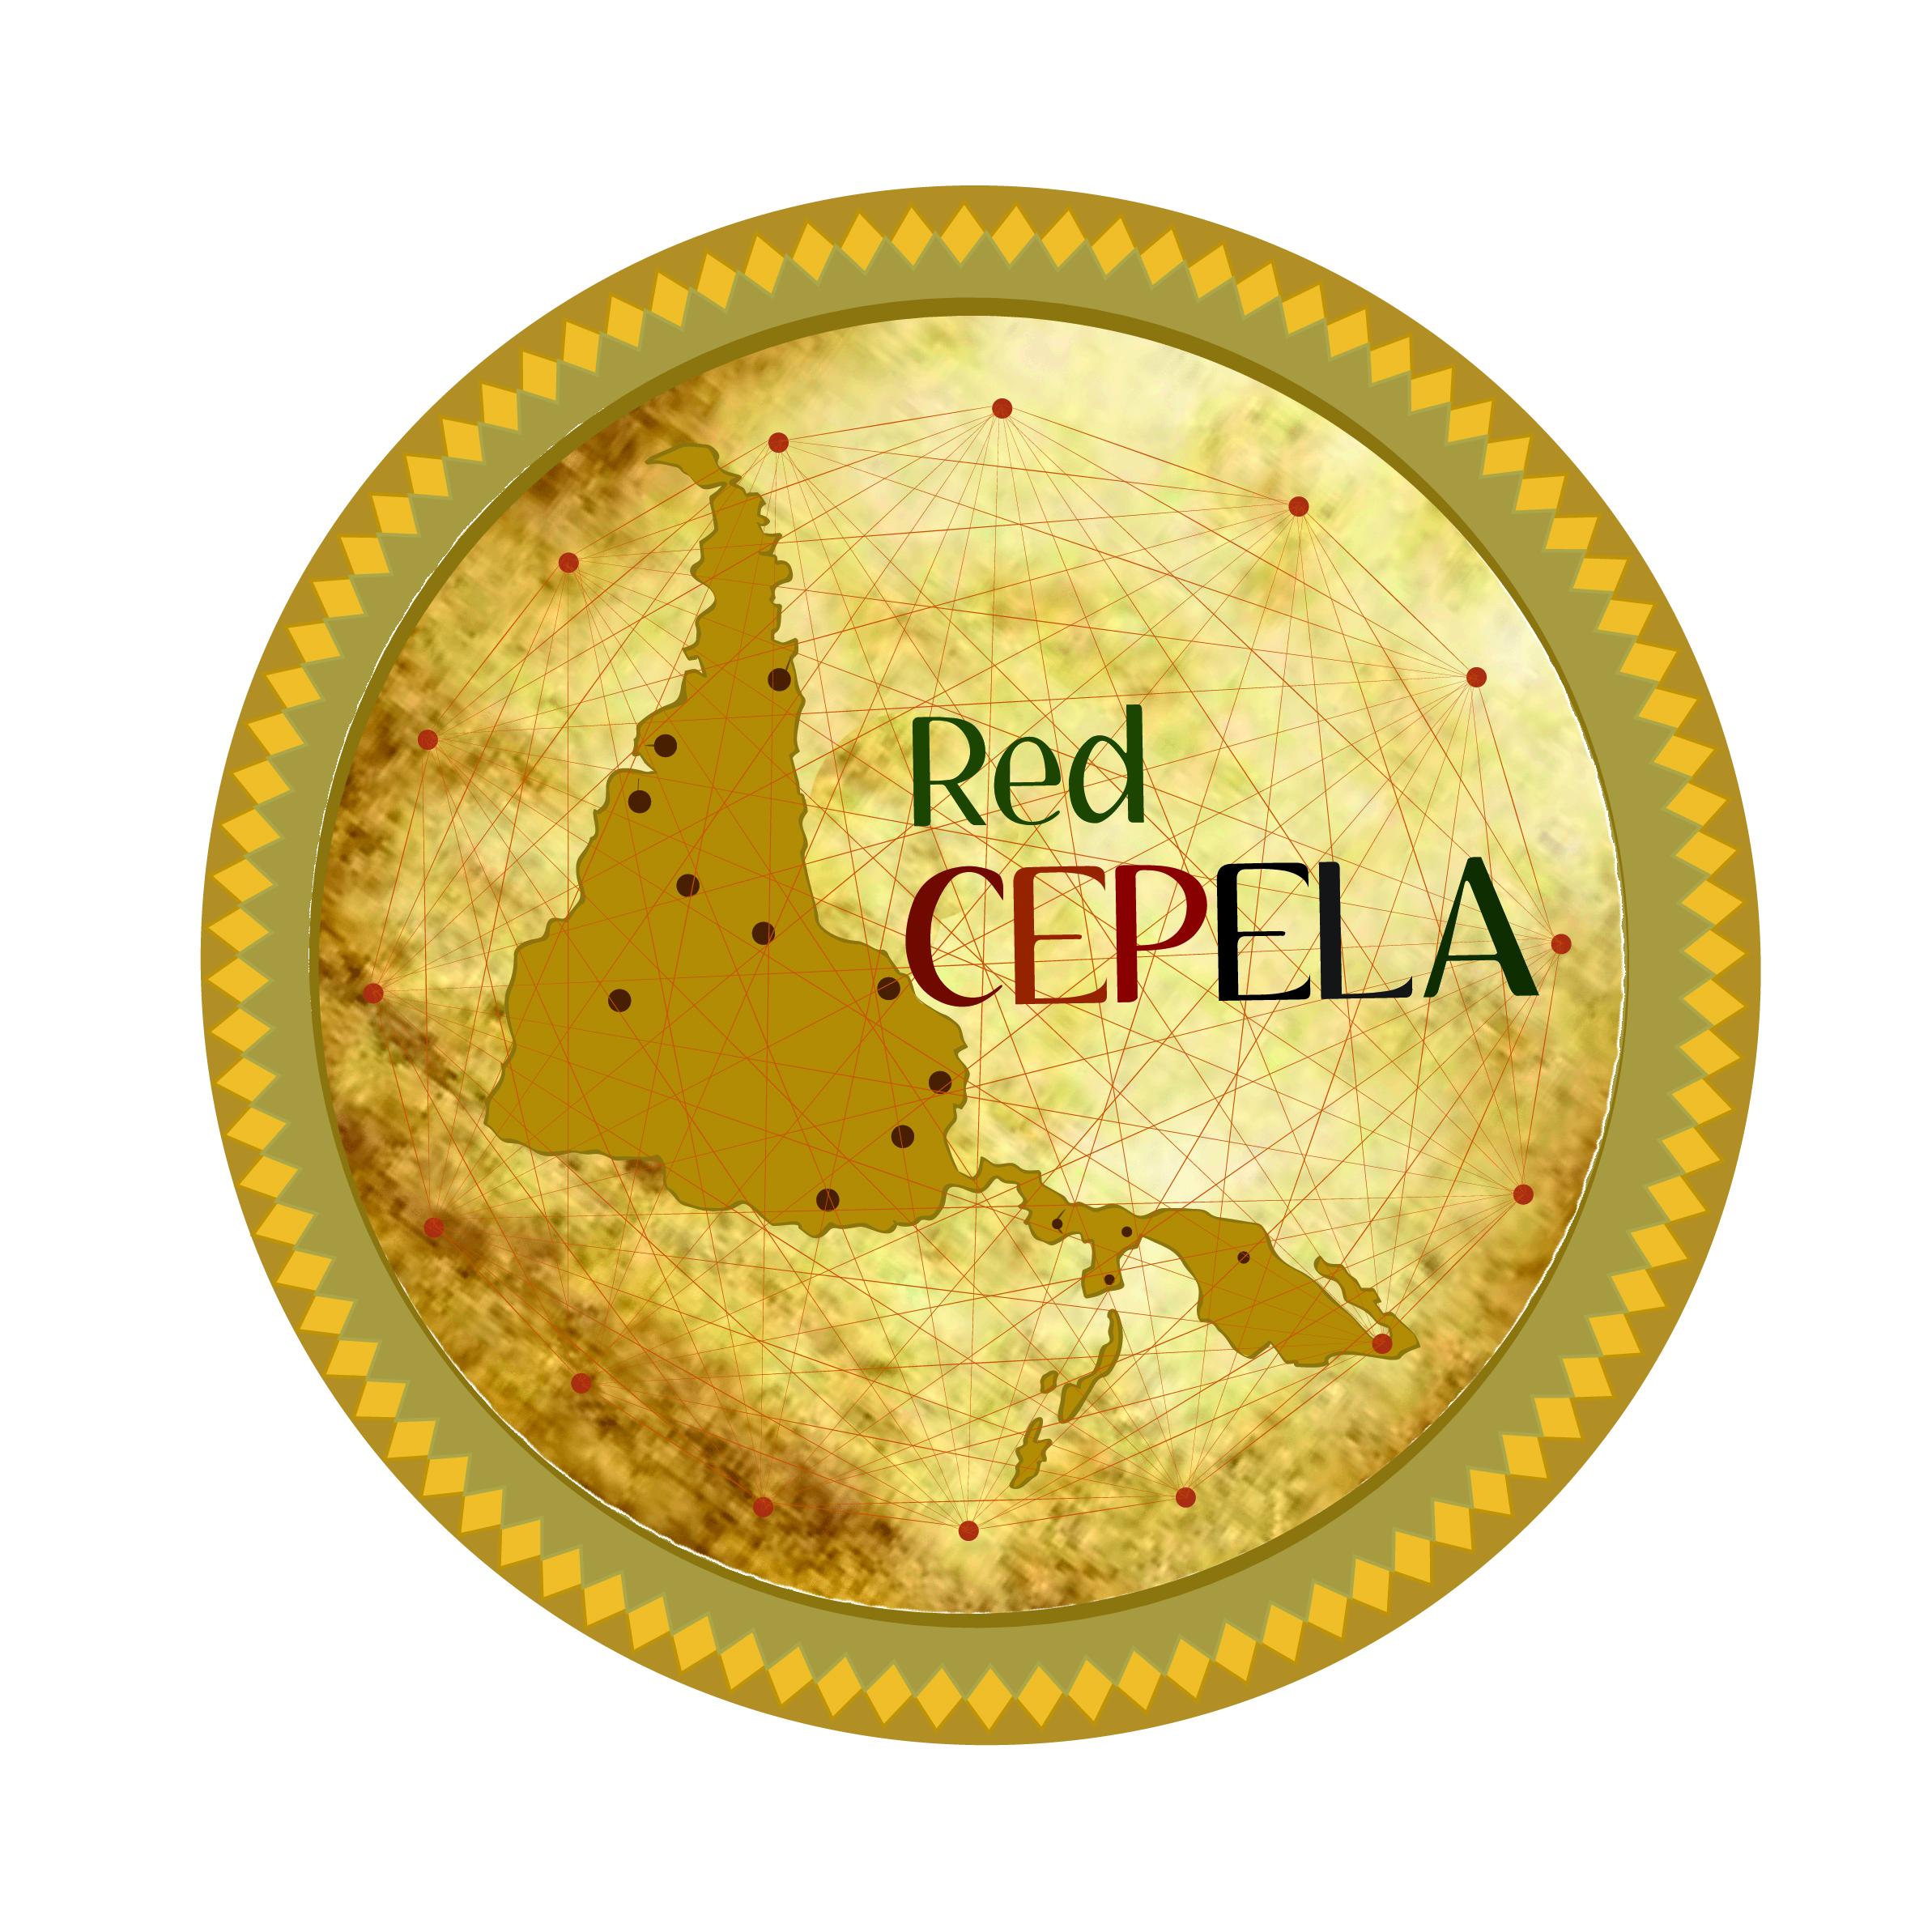 Red Cepela